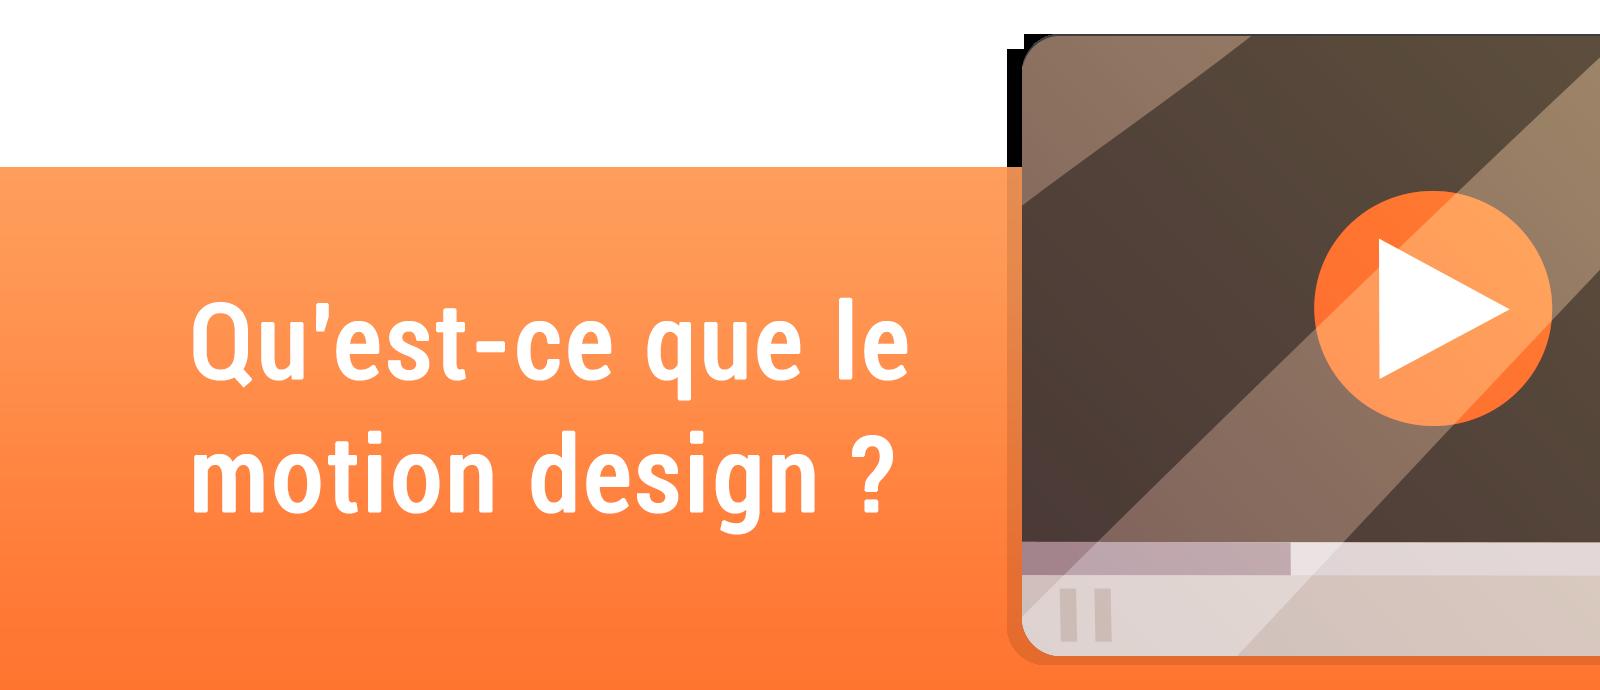 Qu'est-ce que le motion design ?